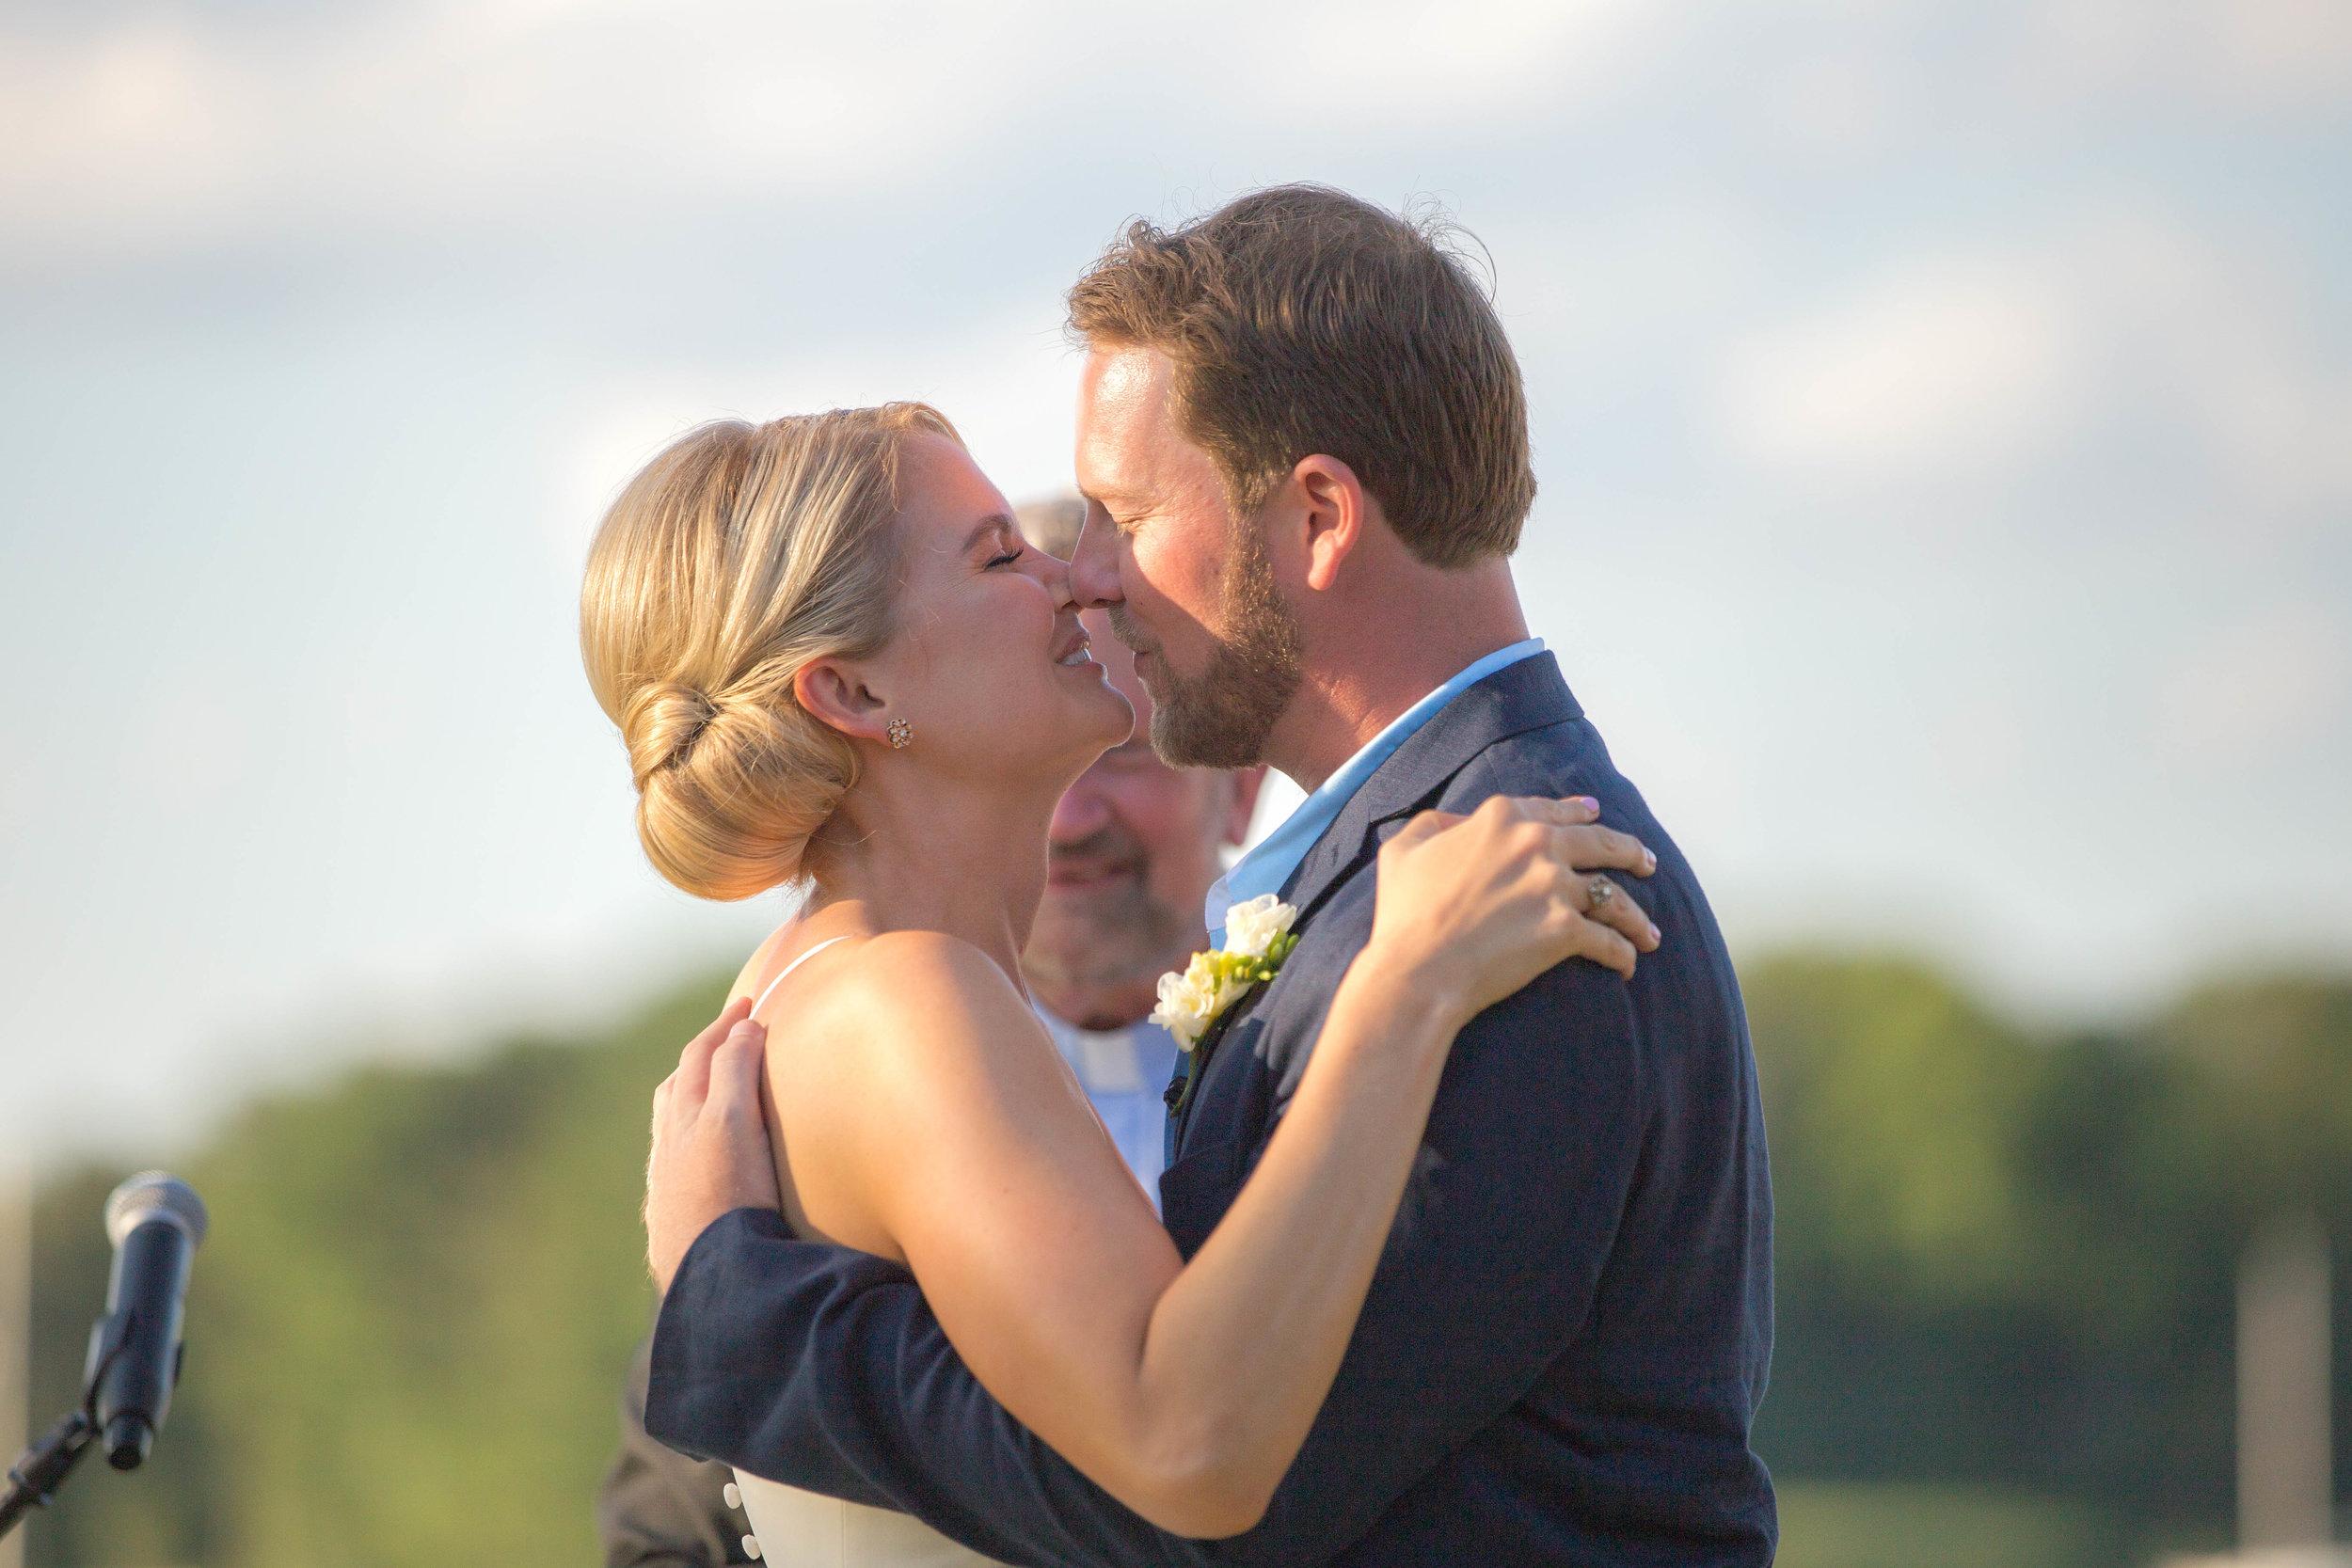 Bethy & Shawn first kiss